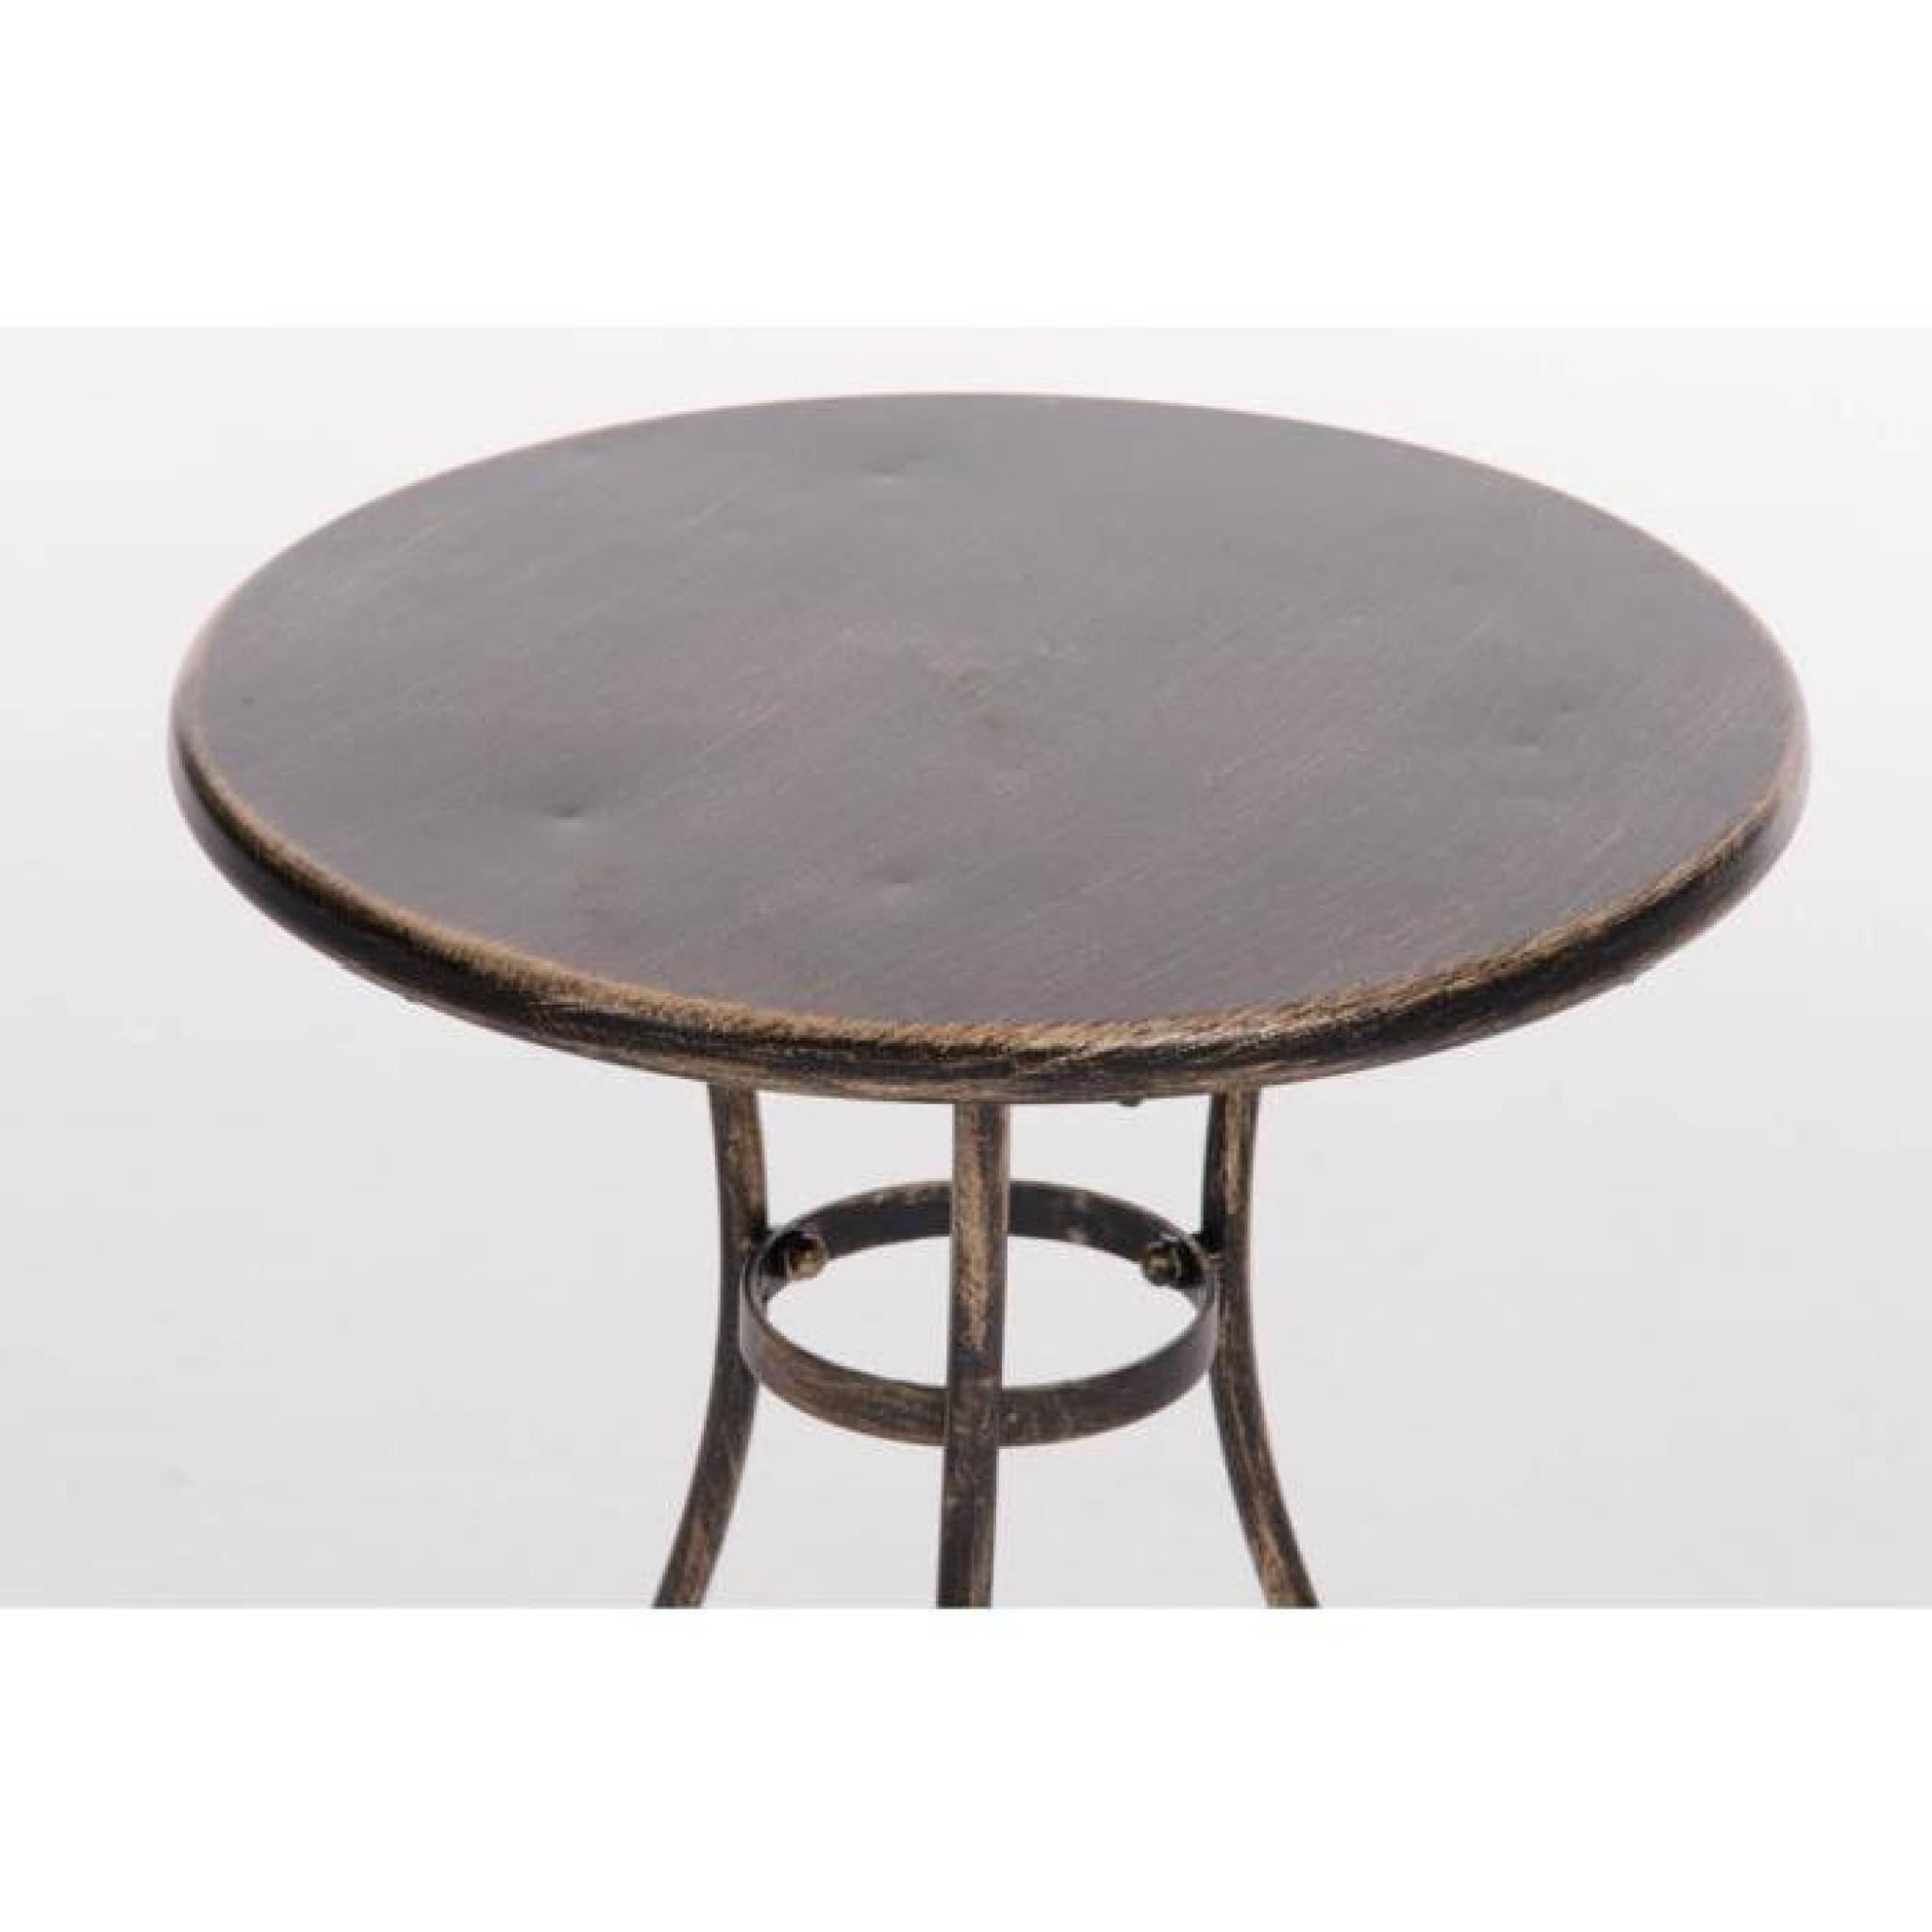 CLP Table ronde de jardin faite à la main en fer forgé ALAN, diamètre Ø 40  cm, au style nostalgique, 6 couleurs au choix